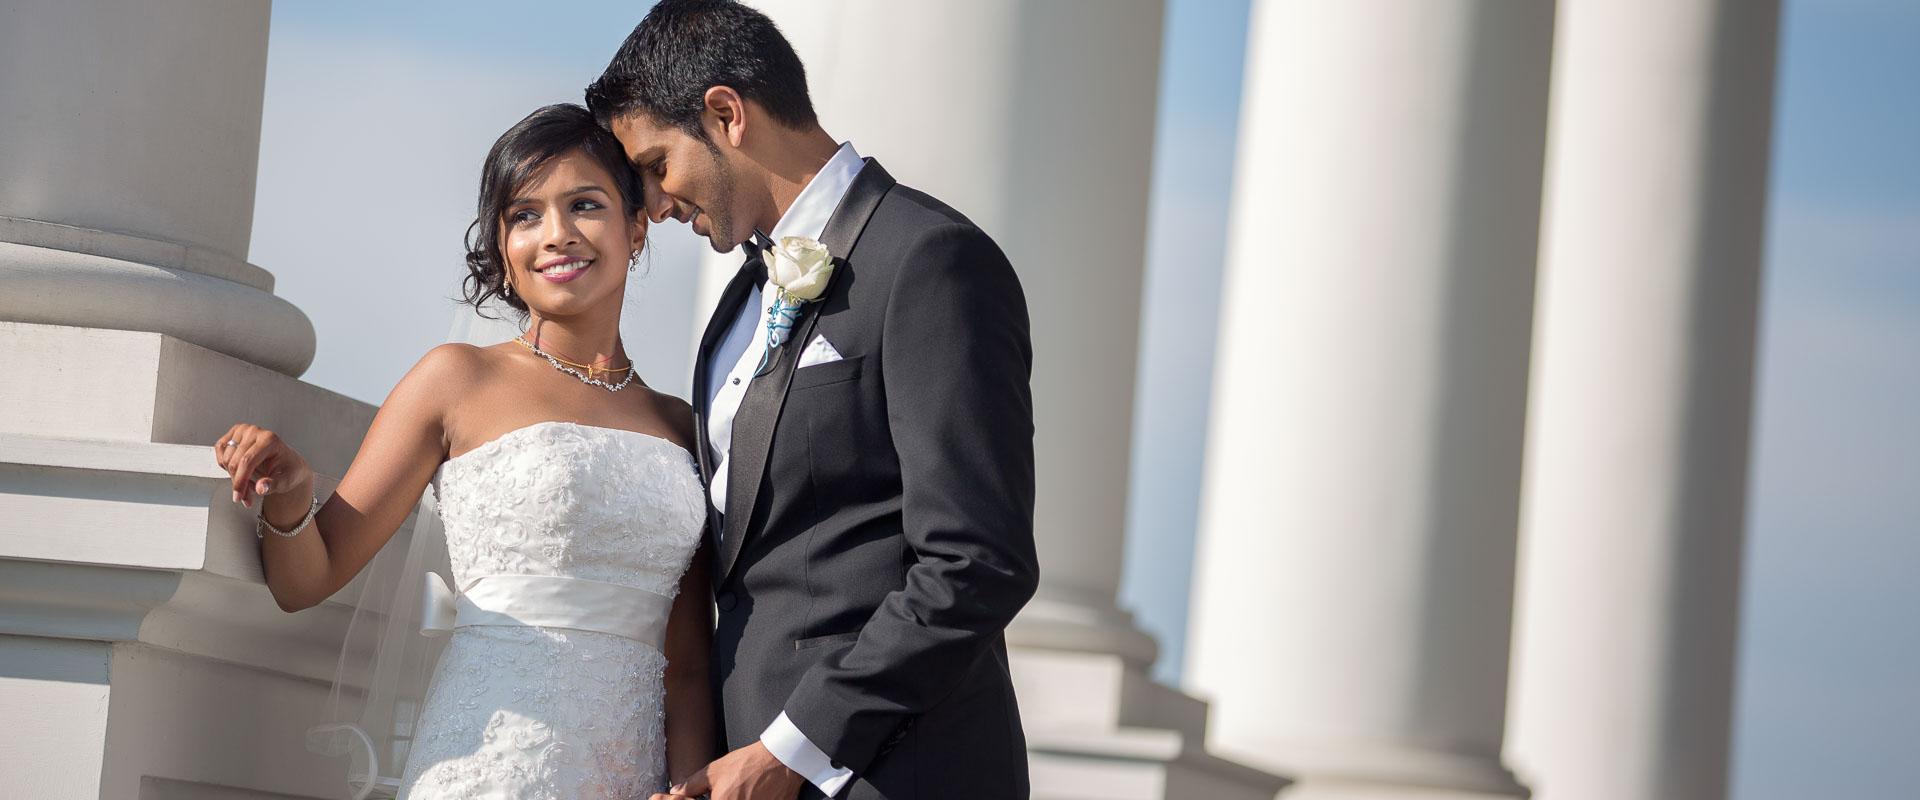 Esküvői Fotózás Nemzetközi Szinten